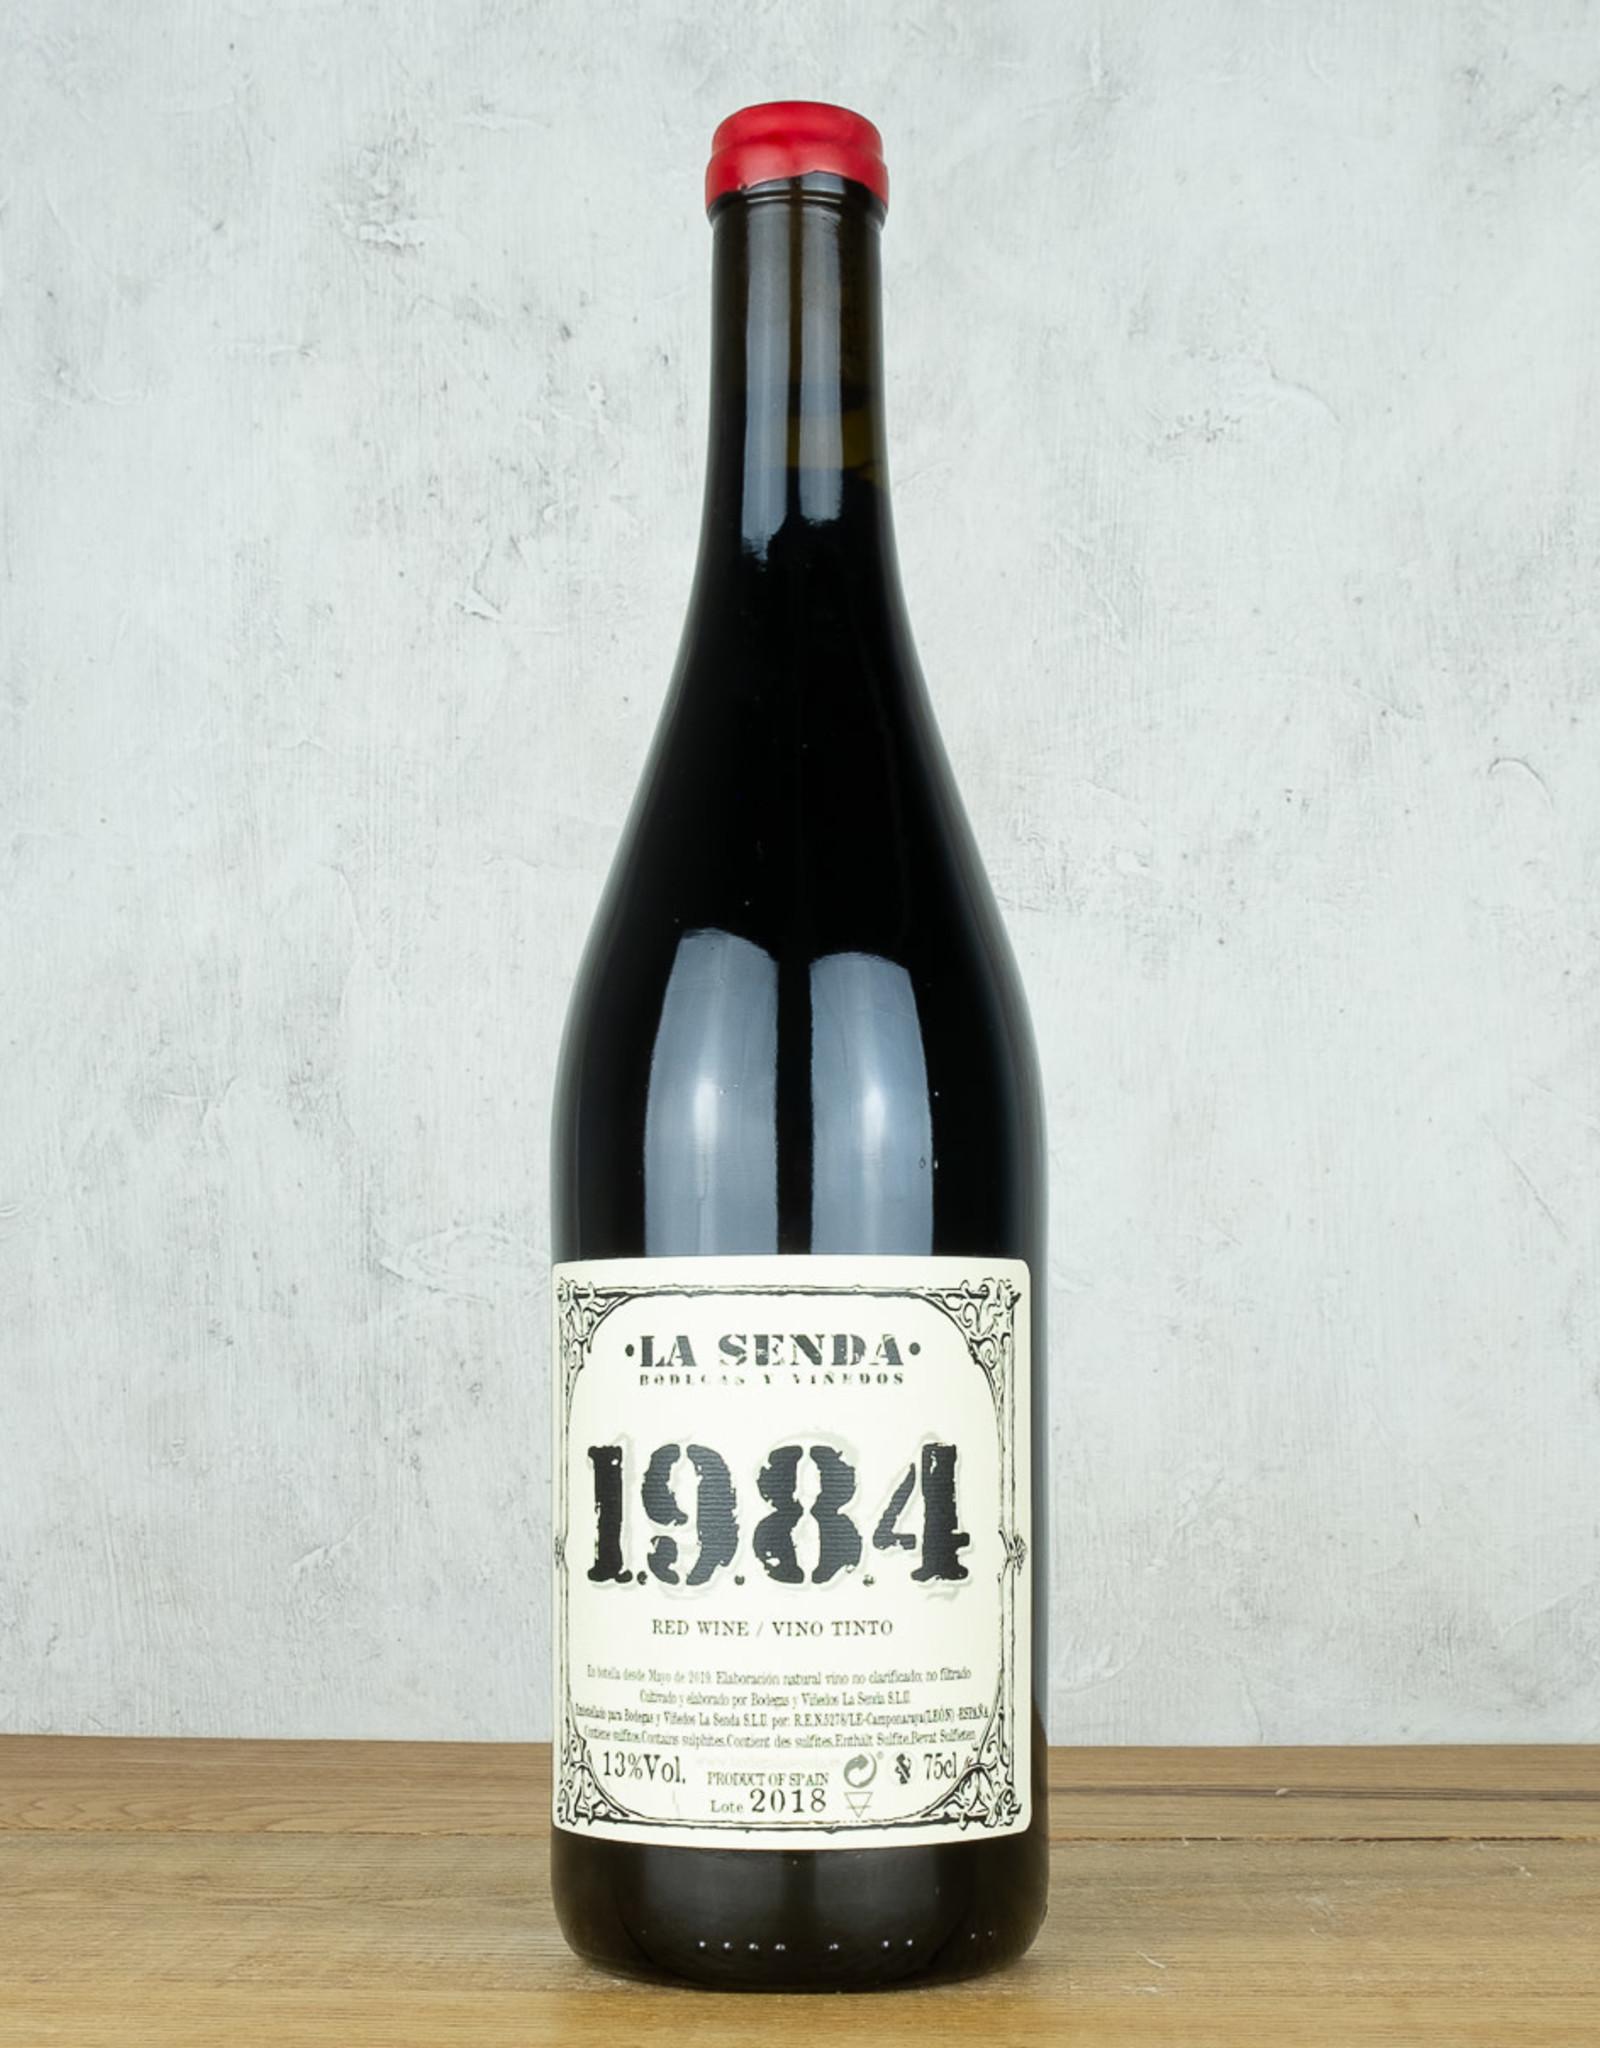 La Senda 1984 Tinto